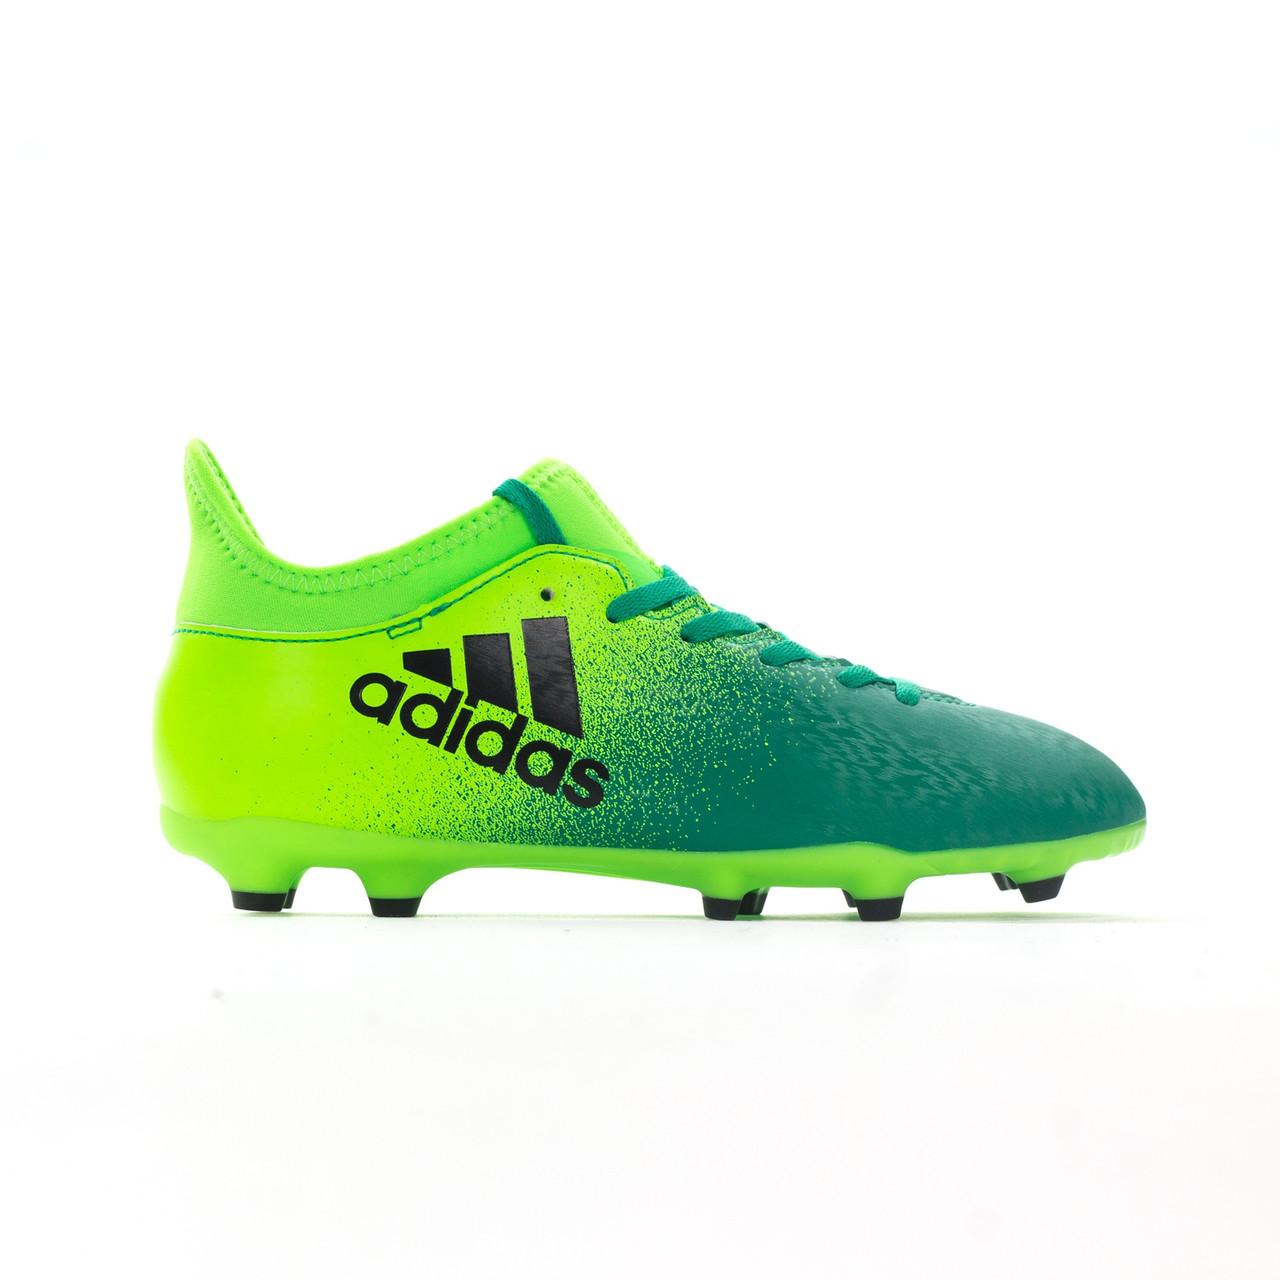 b7f45635 Детские футбольные бутсы Adidas X 16.3 FG J - Оригинал (BB5859) - ElitSport.